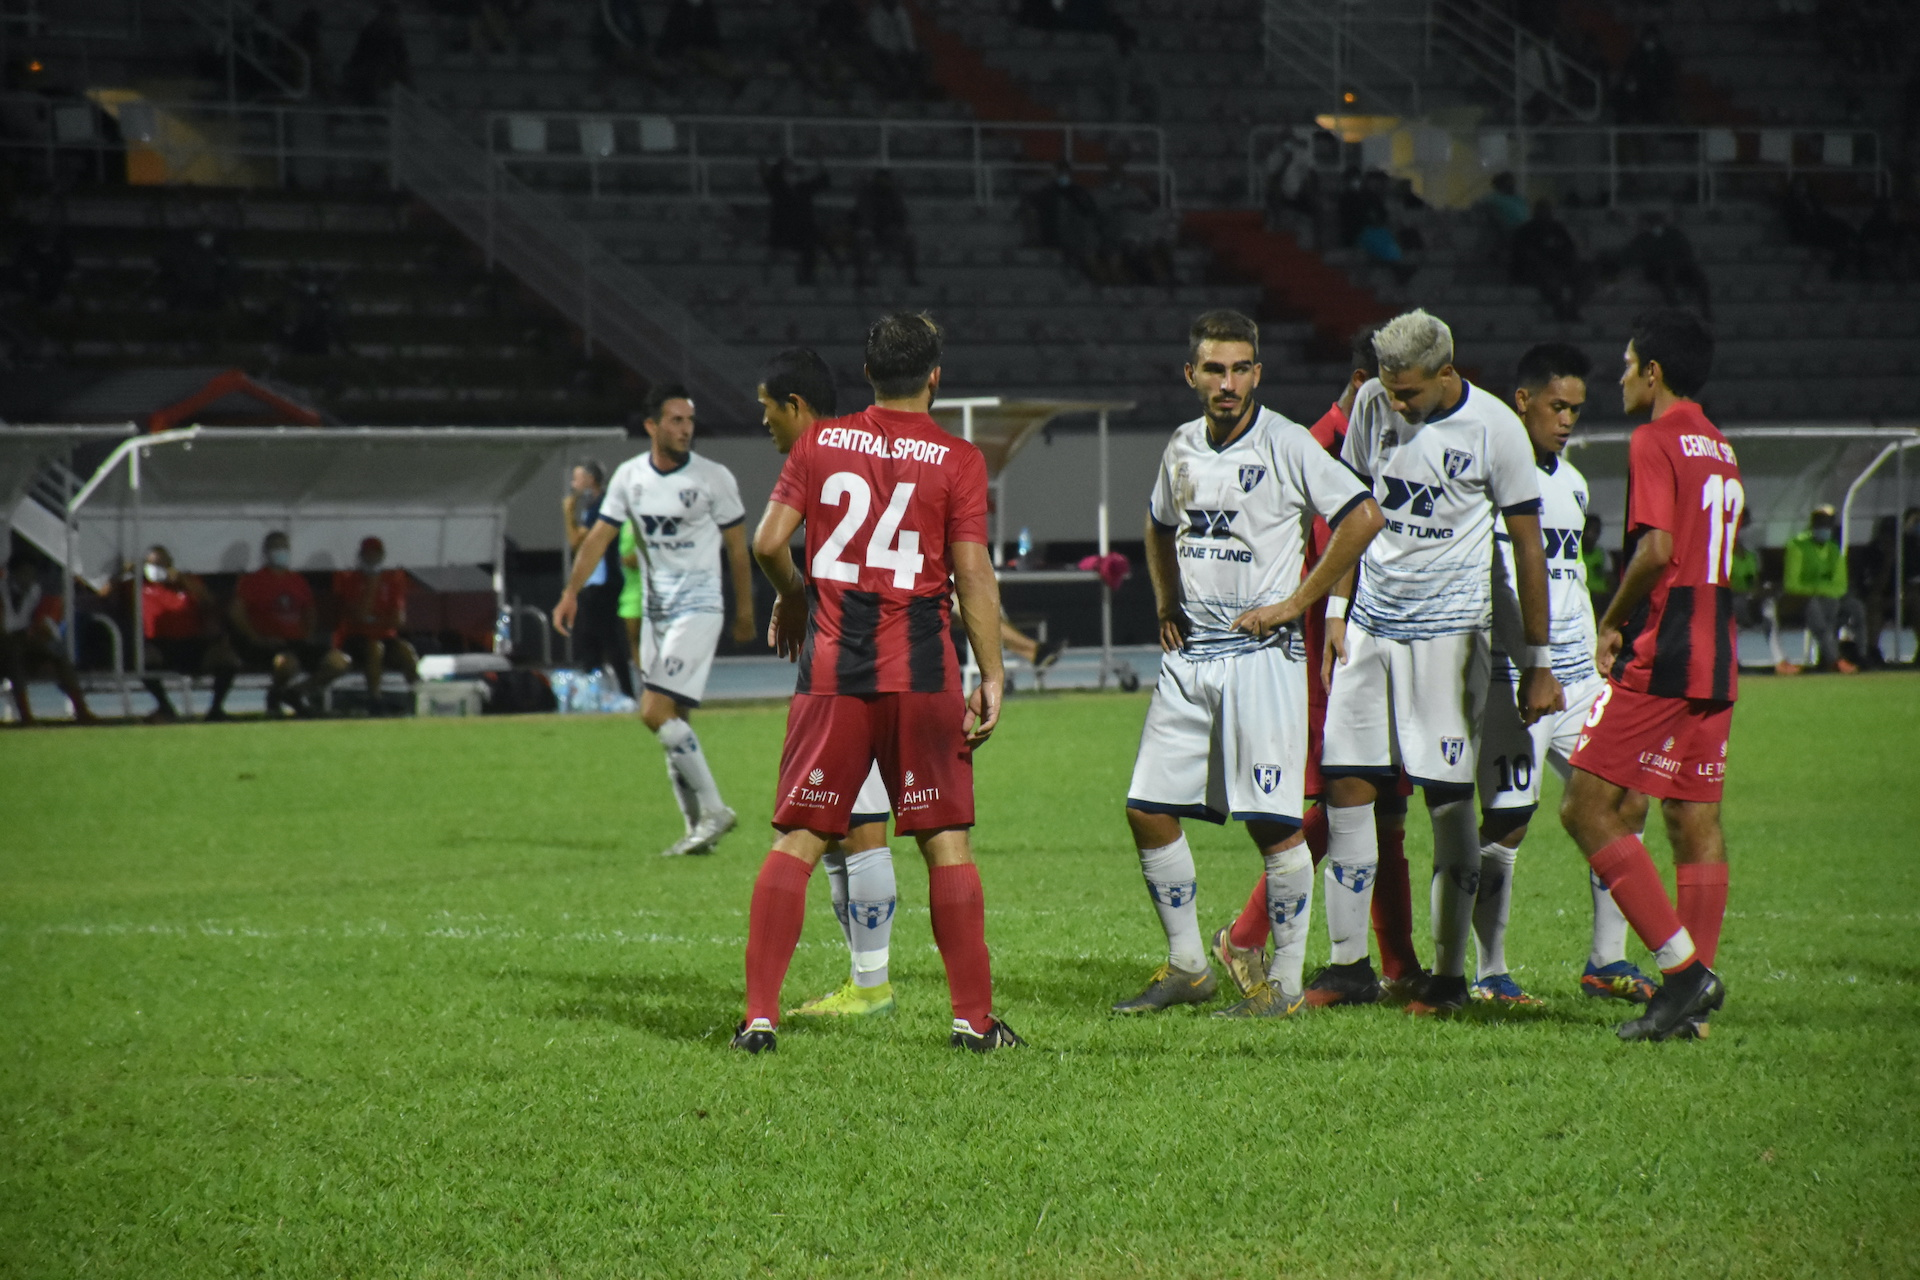 Les protégés de Samuel Garcia ont livré une prestation sérieuse face à Central.